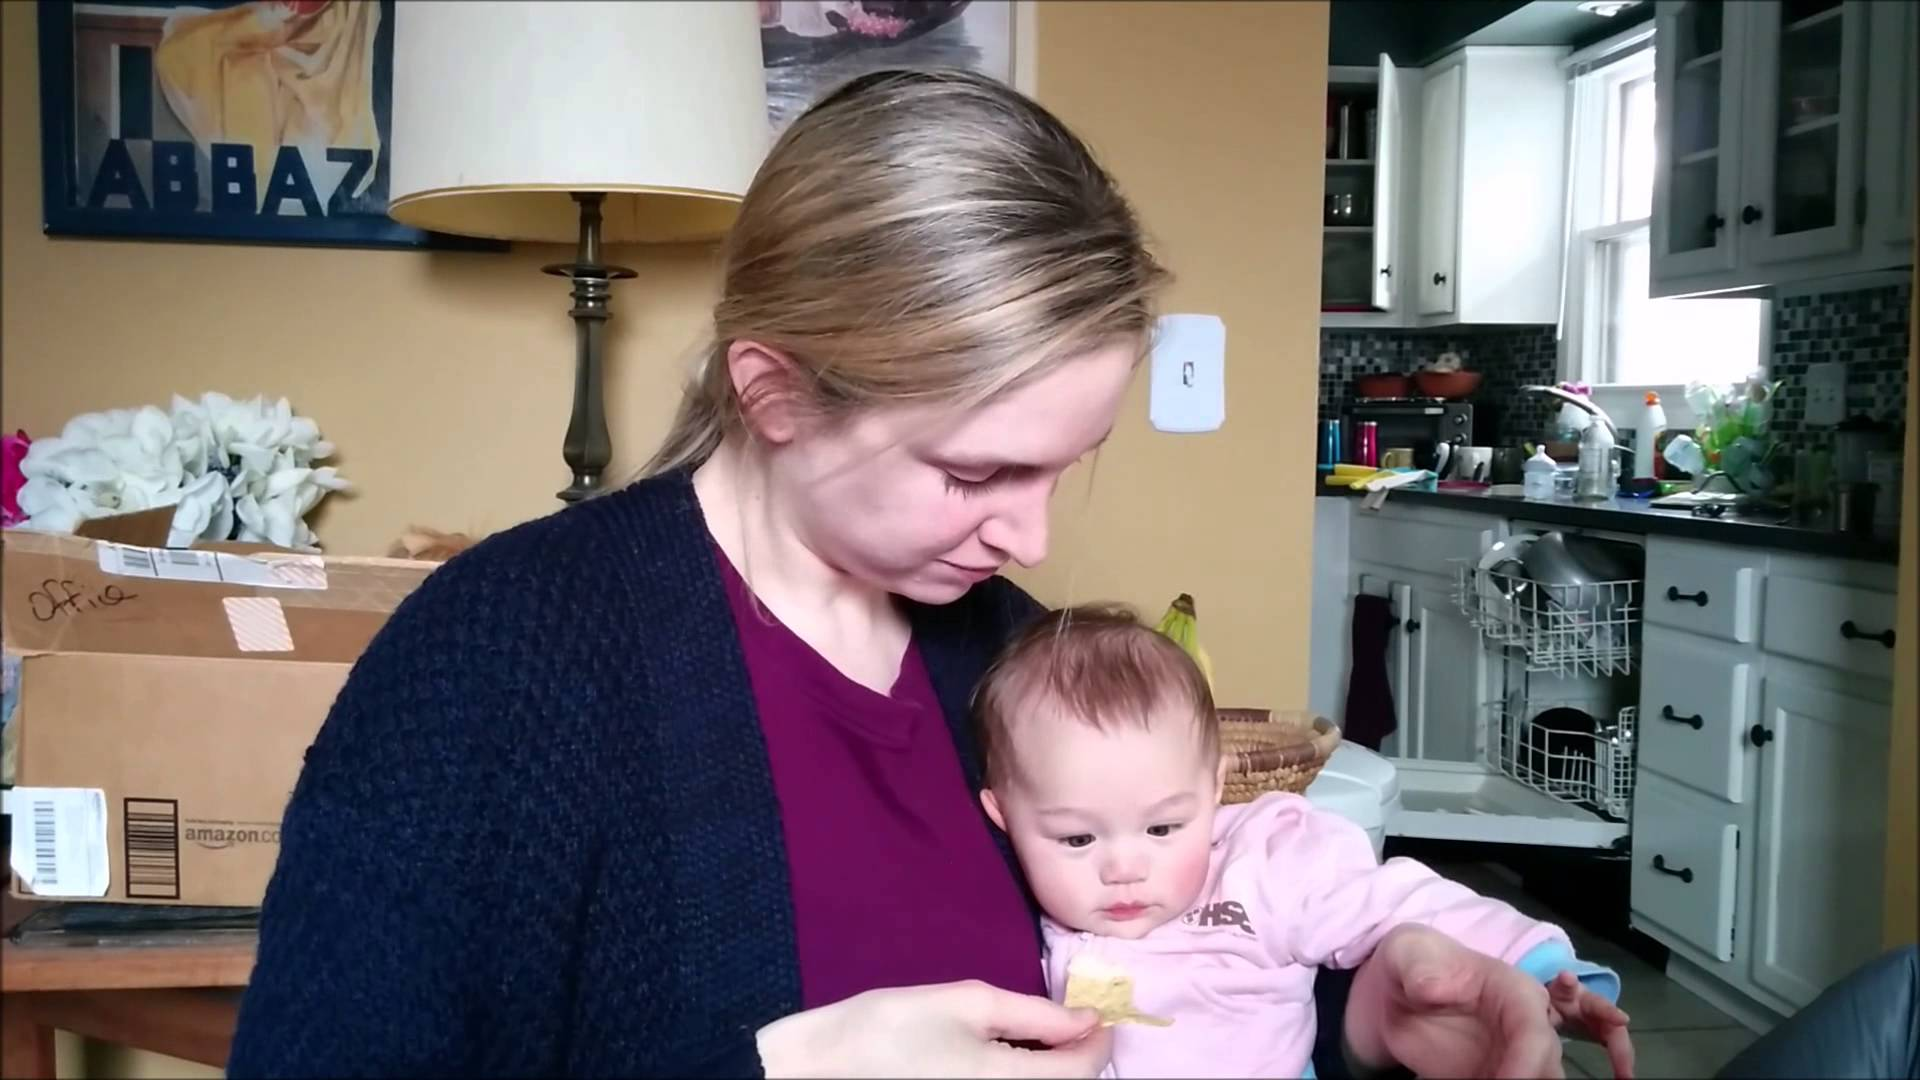 Co rozesměje čtyřměsíční mimčo? A rozesměje to i vás?